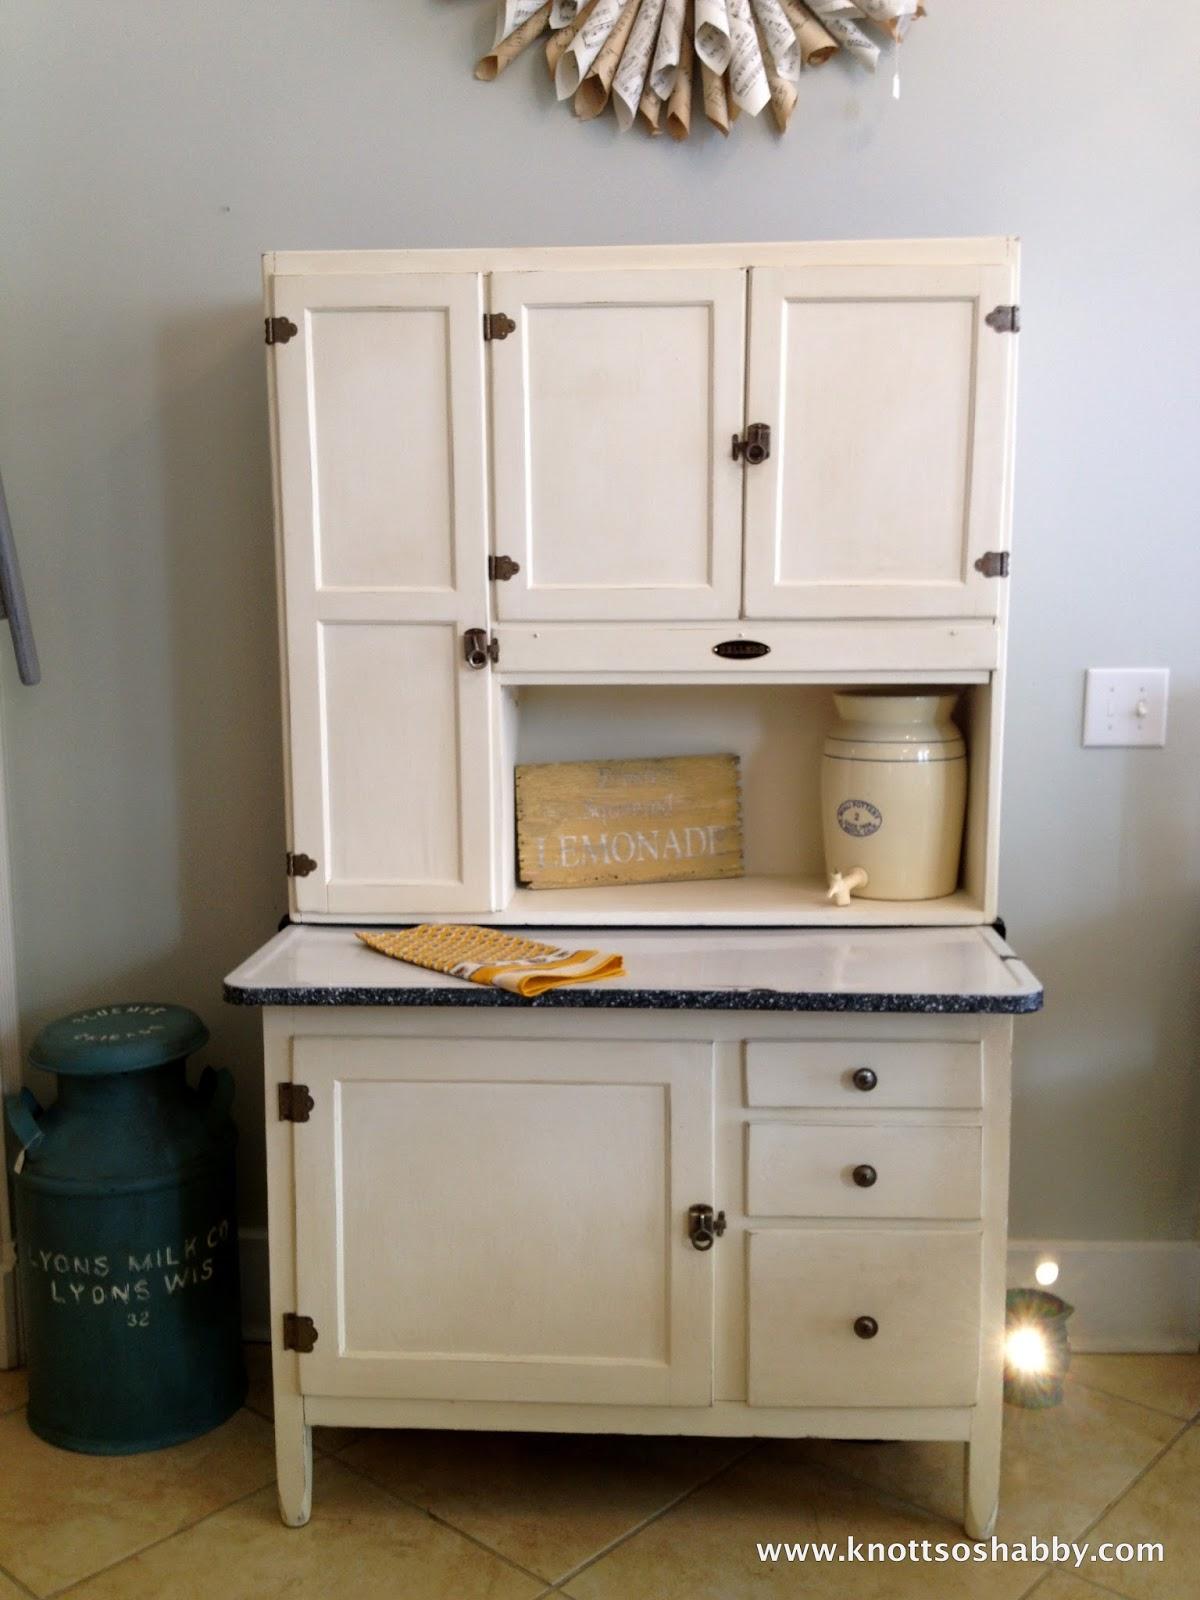 Vintage Retro 1950's / 60's Kitchen Larder Cabinet ...